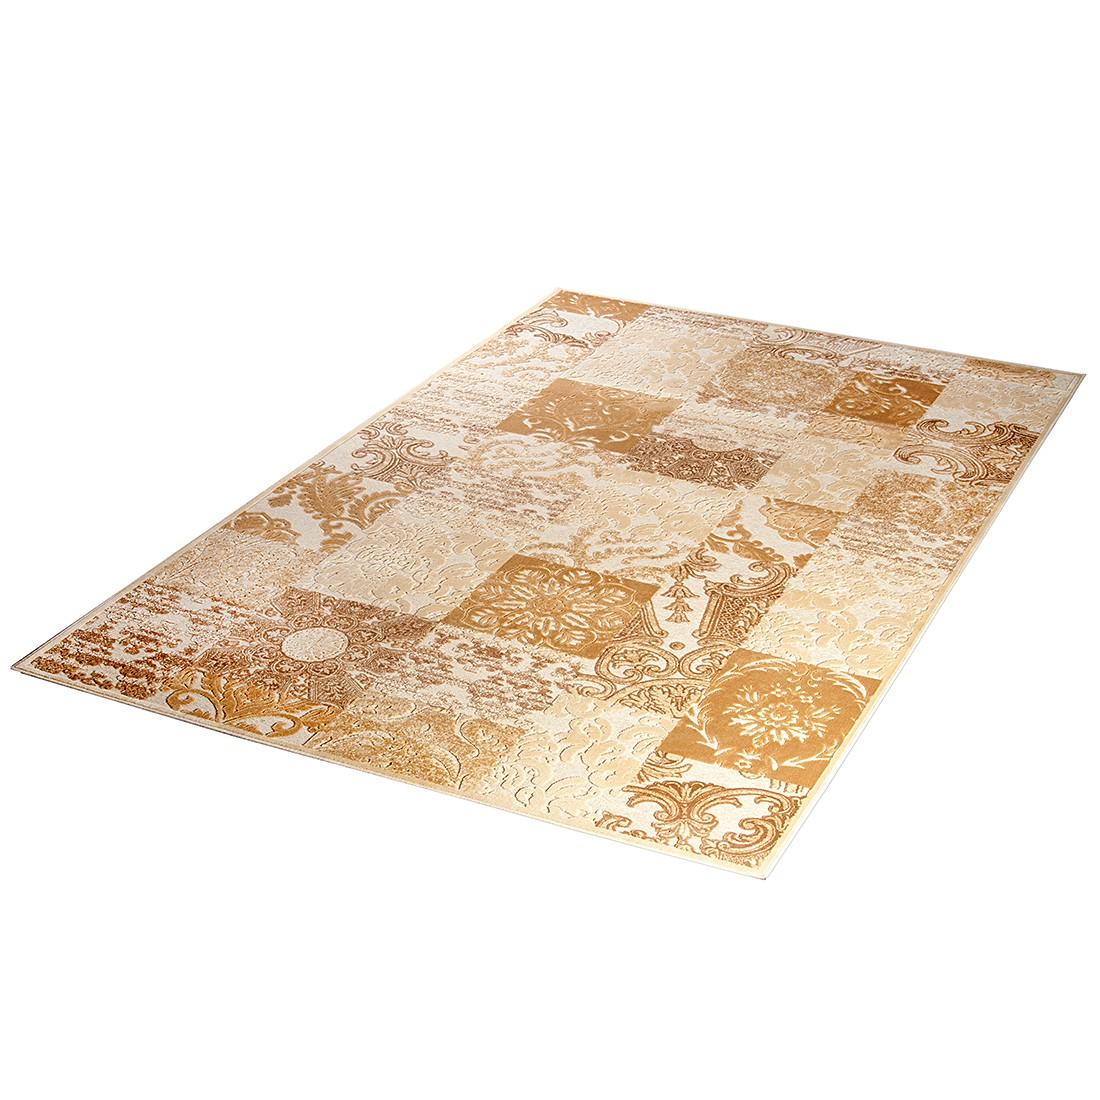 Teppich Nostalgie – Gold – 160 x 230 cm, DEKOWE jetzt kaufen